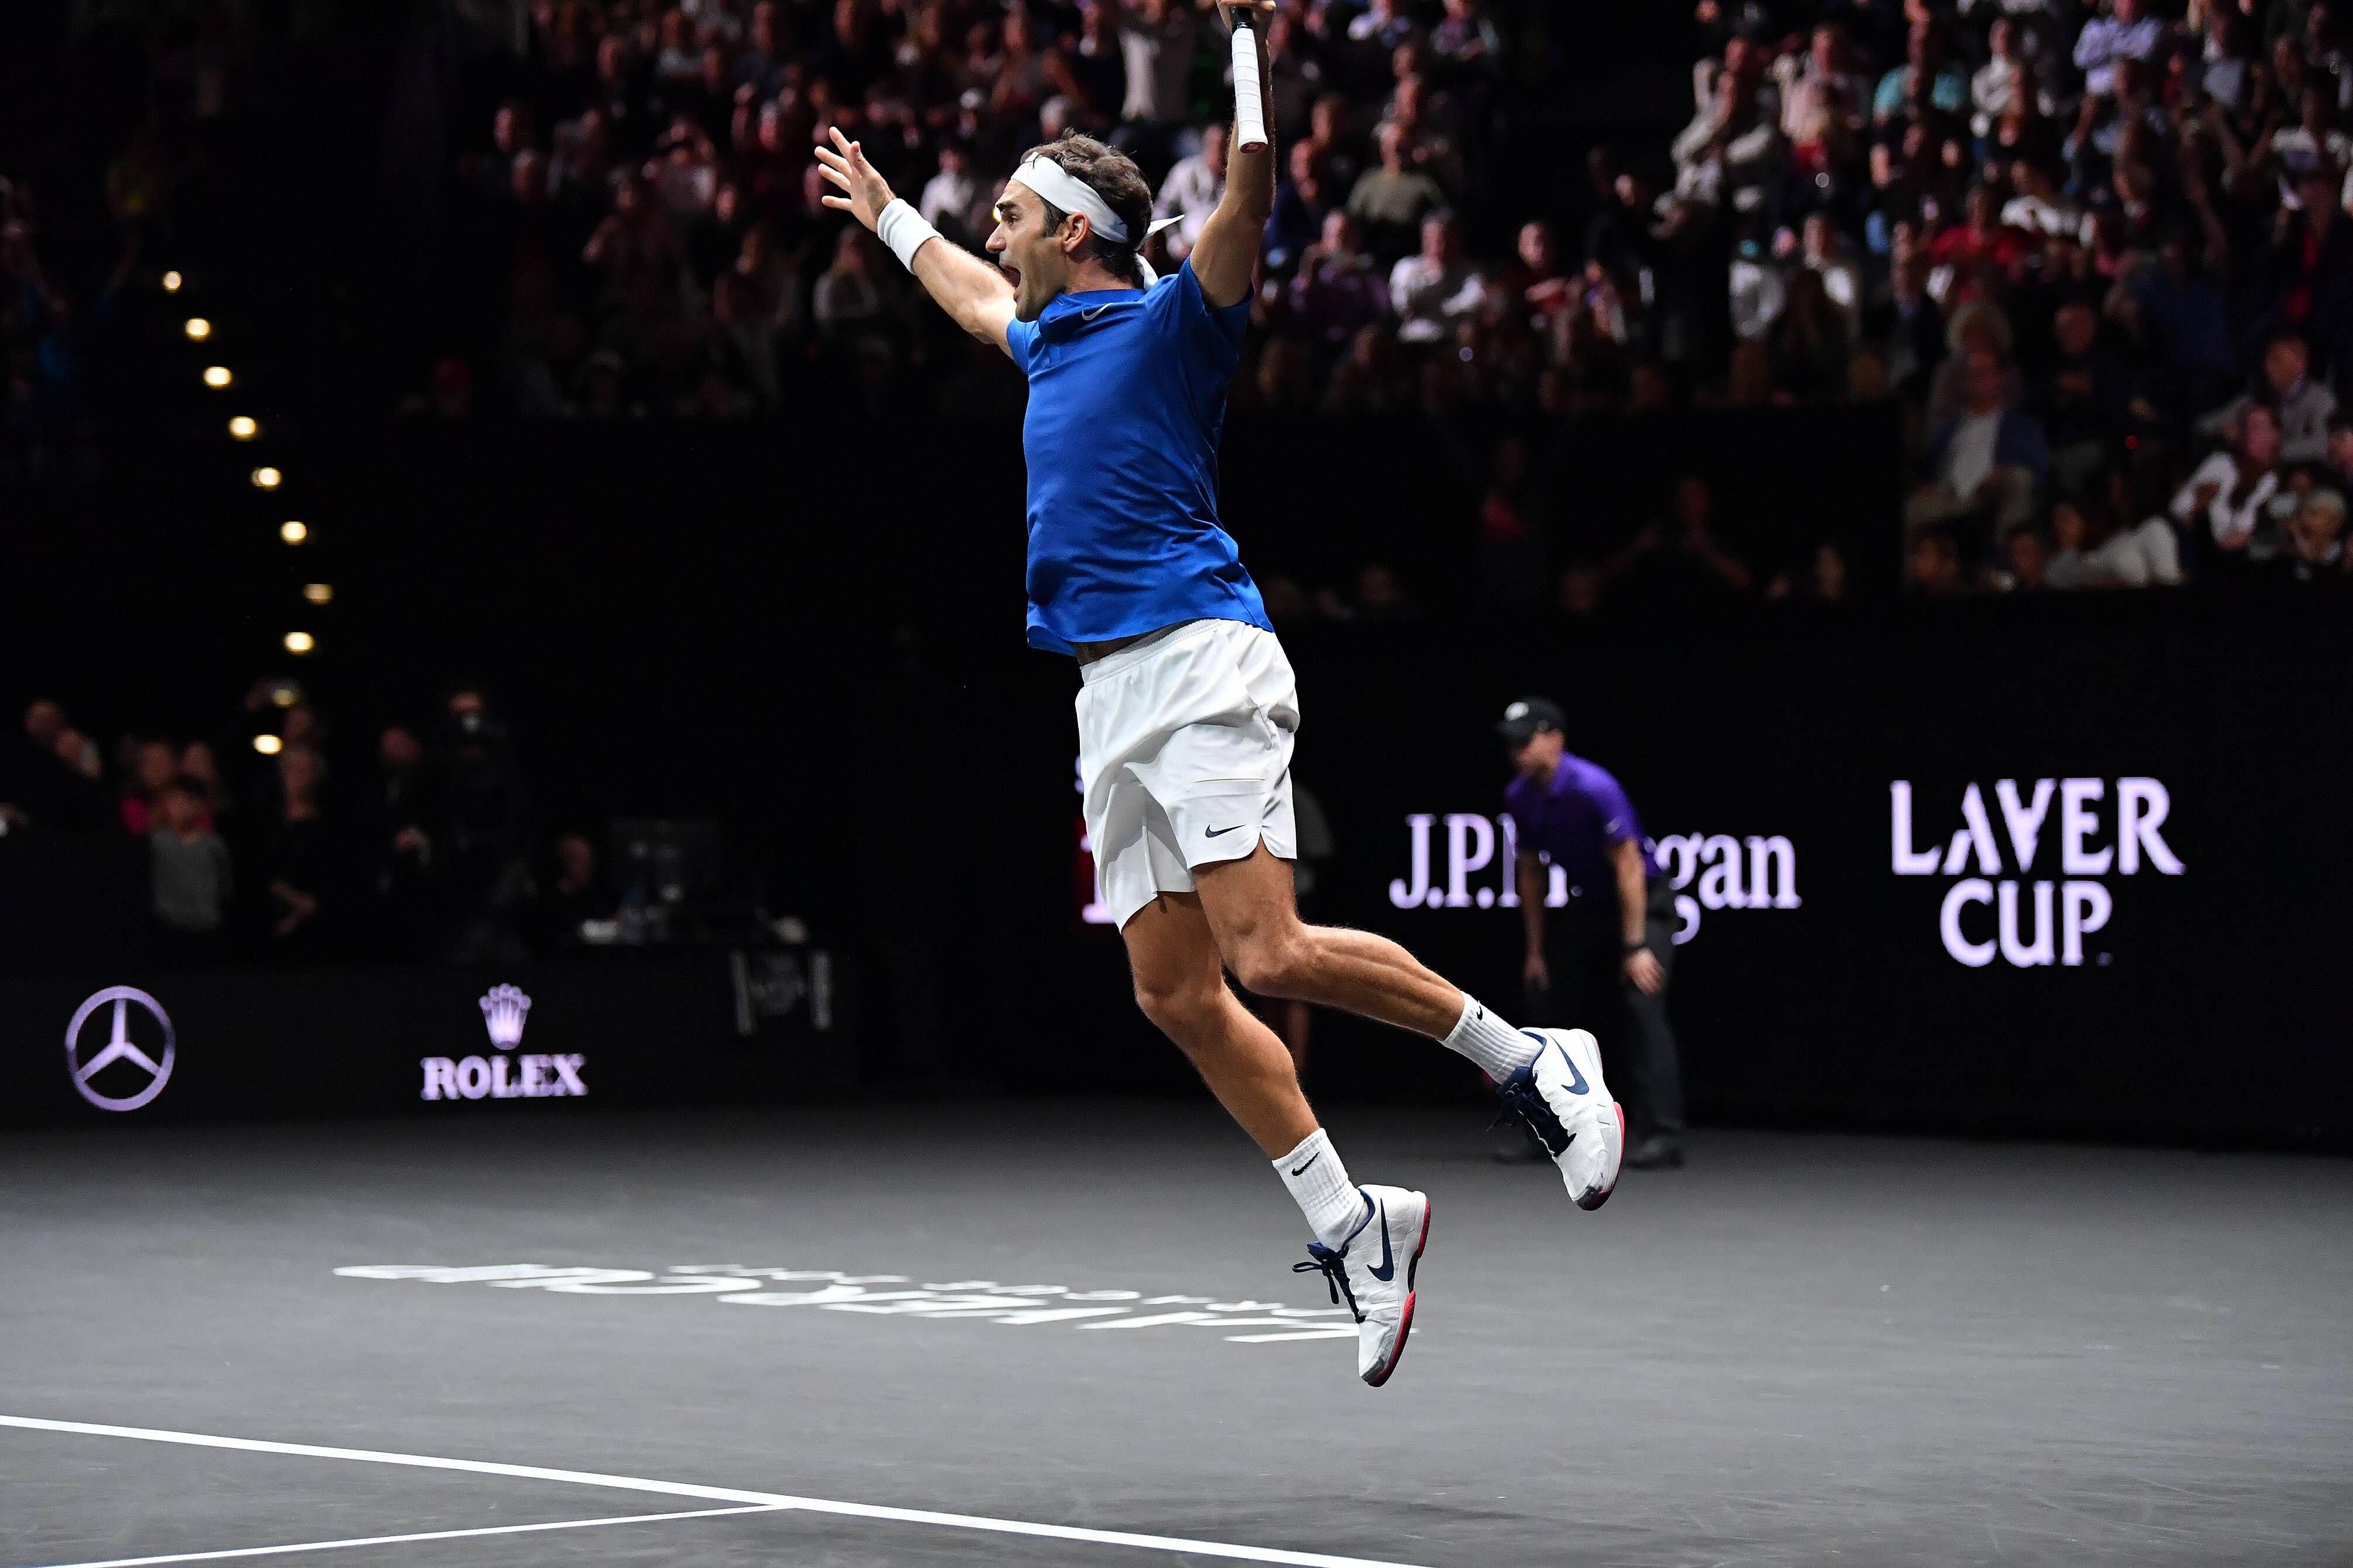 Tennis - Federer et des étoiles pour faire briller la Laver Cup